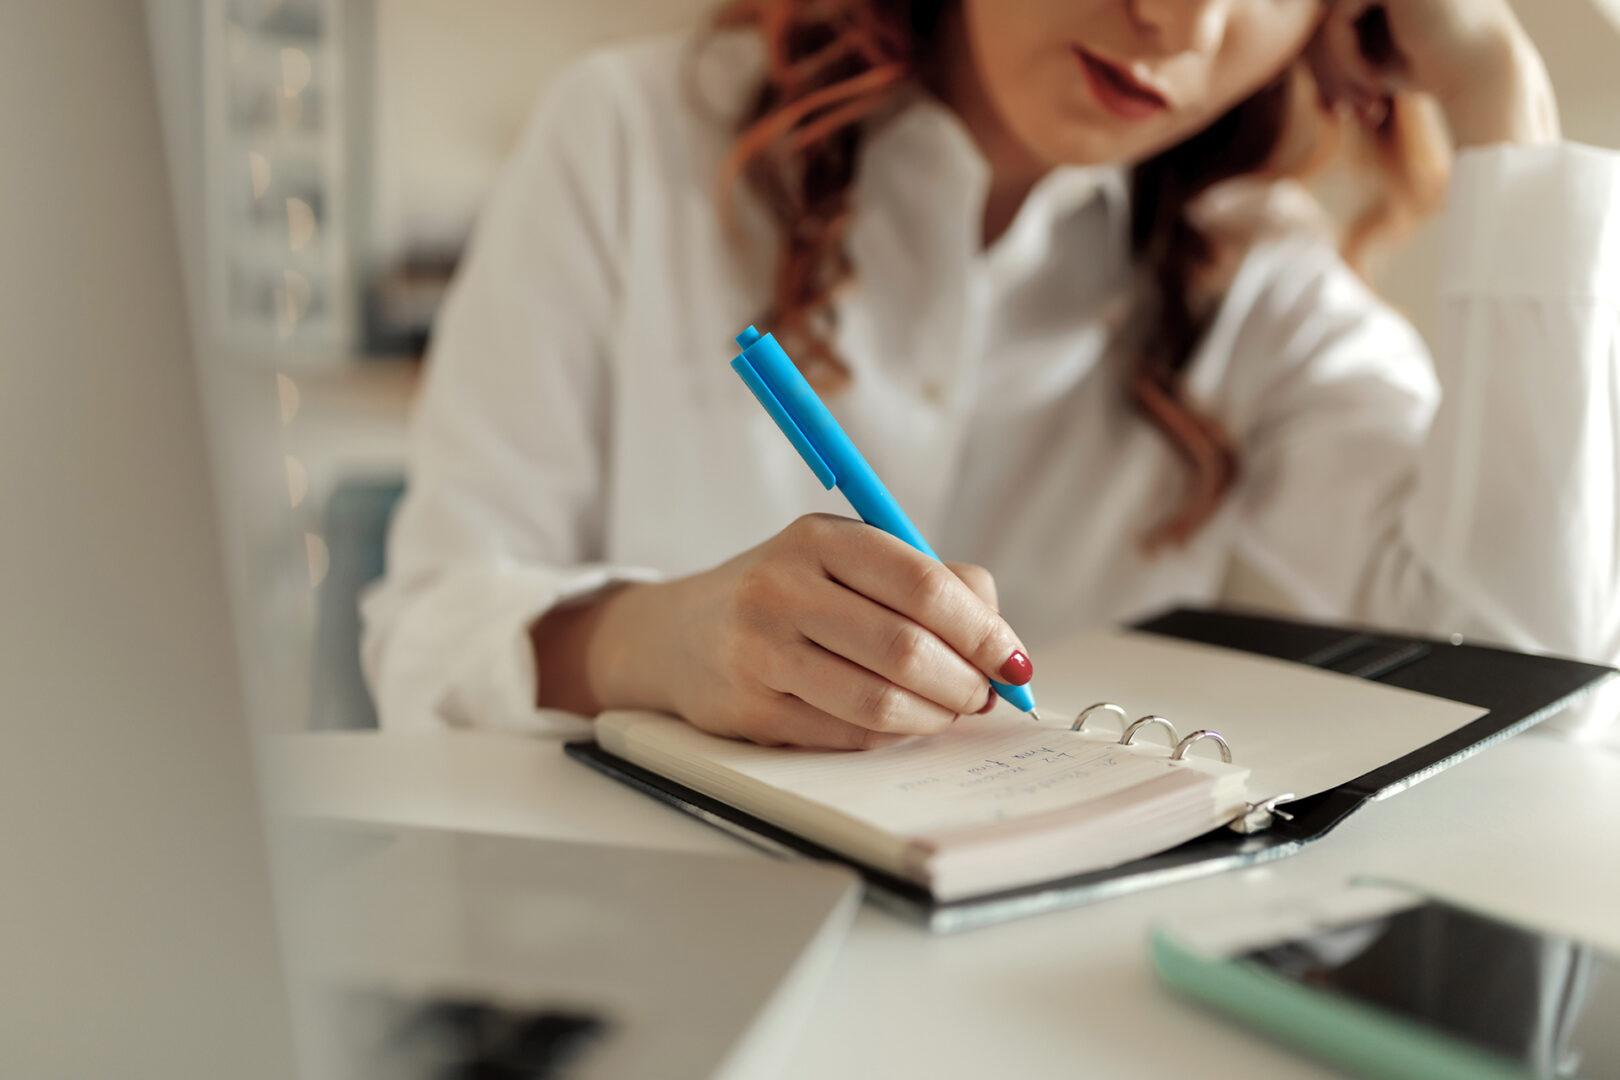 käsin kirjoittaminen